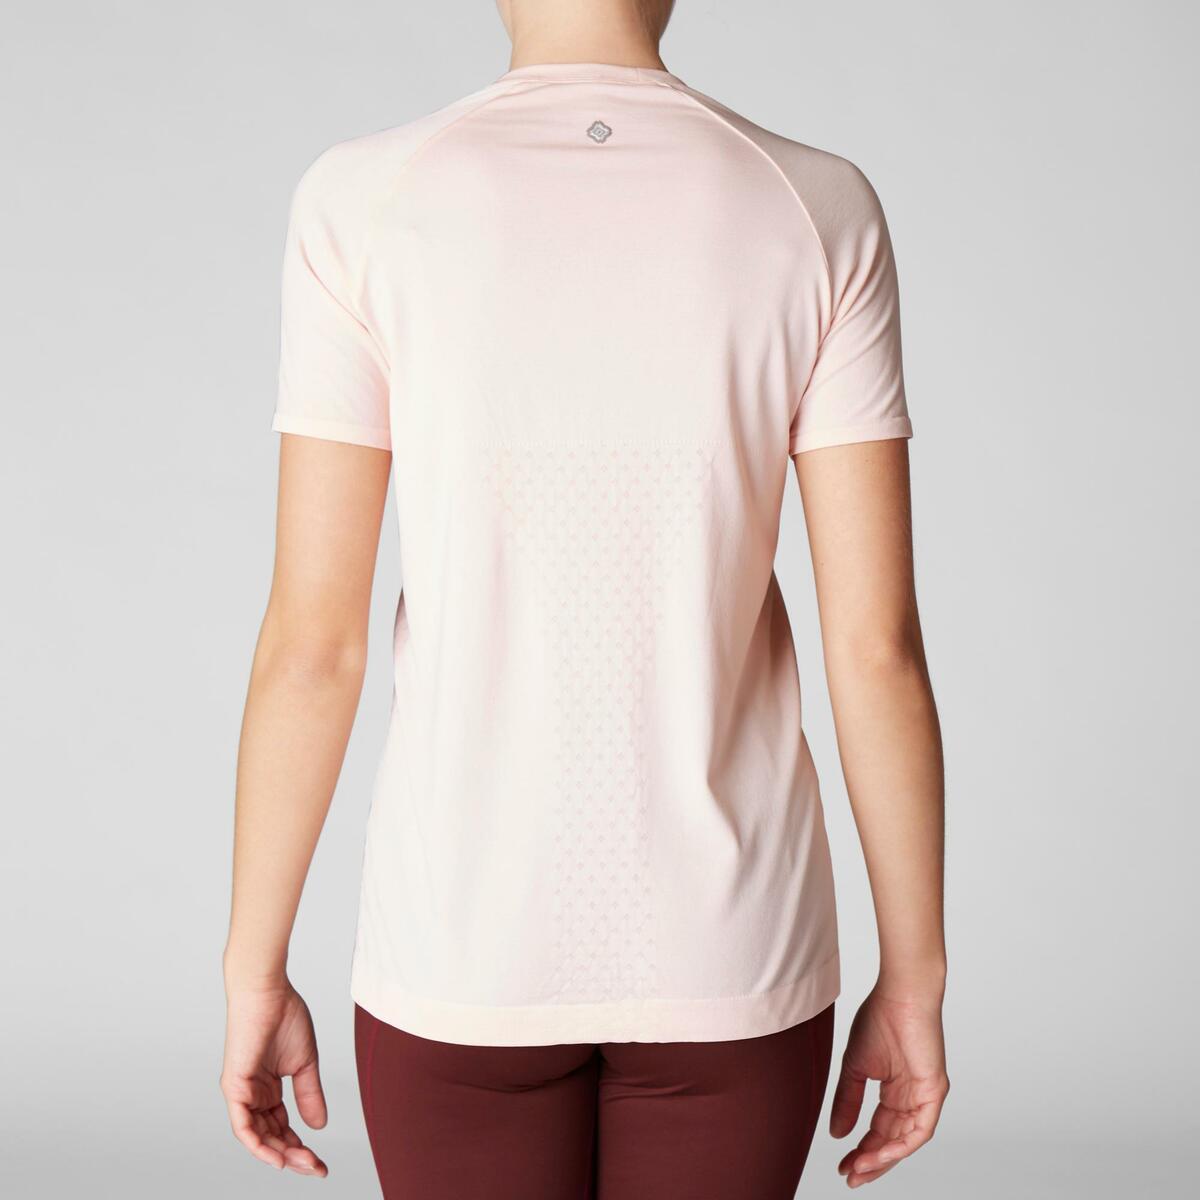 Bild 4 von T-Shirt dynamisches Yoga nahtlos Damen rosa